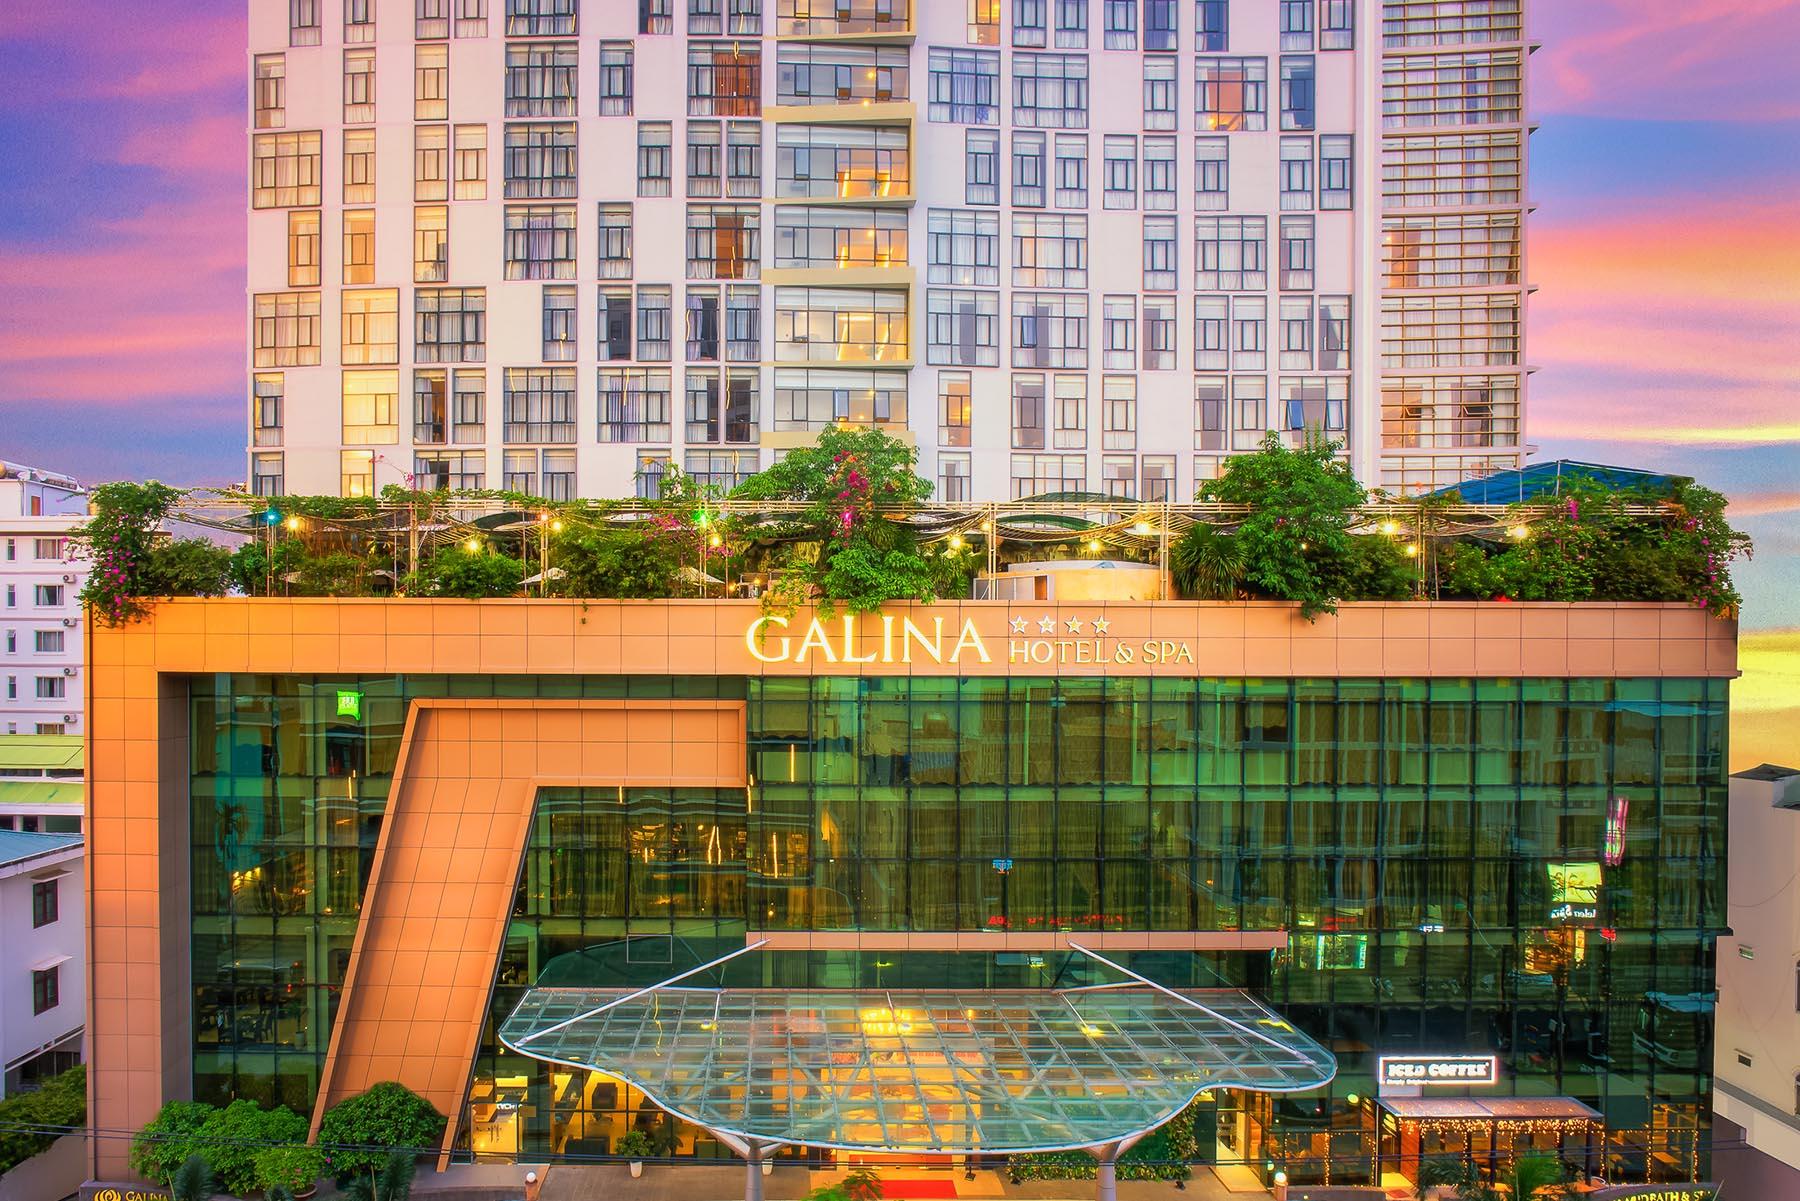 Galina Nha Trang Hotel & Spa - Best hotel in Nha Trang